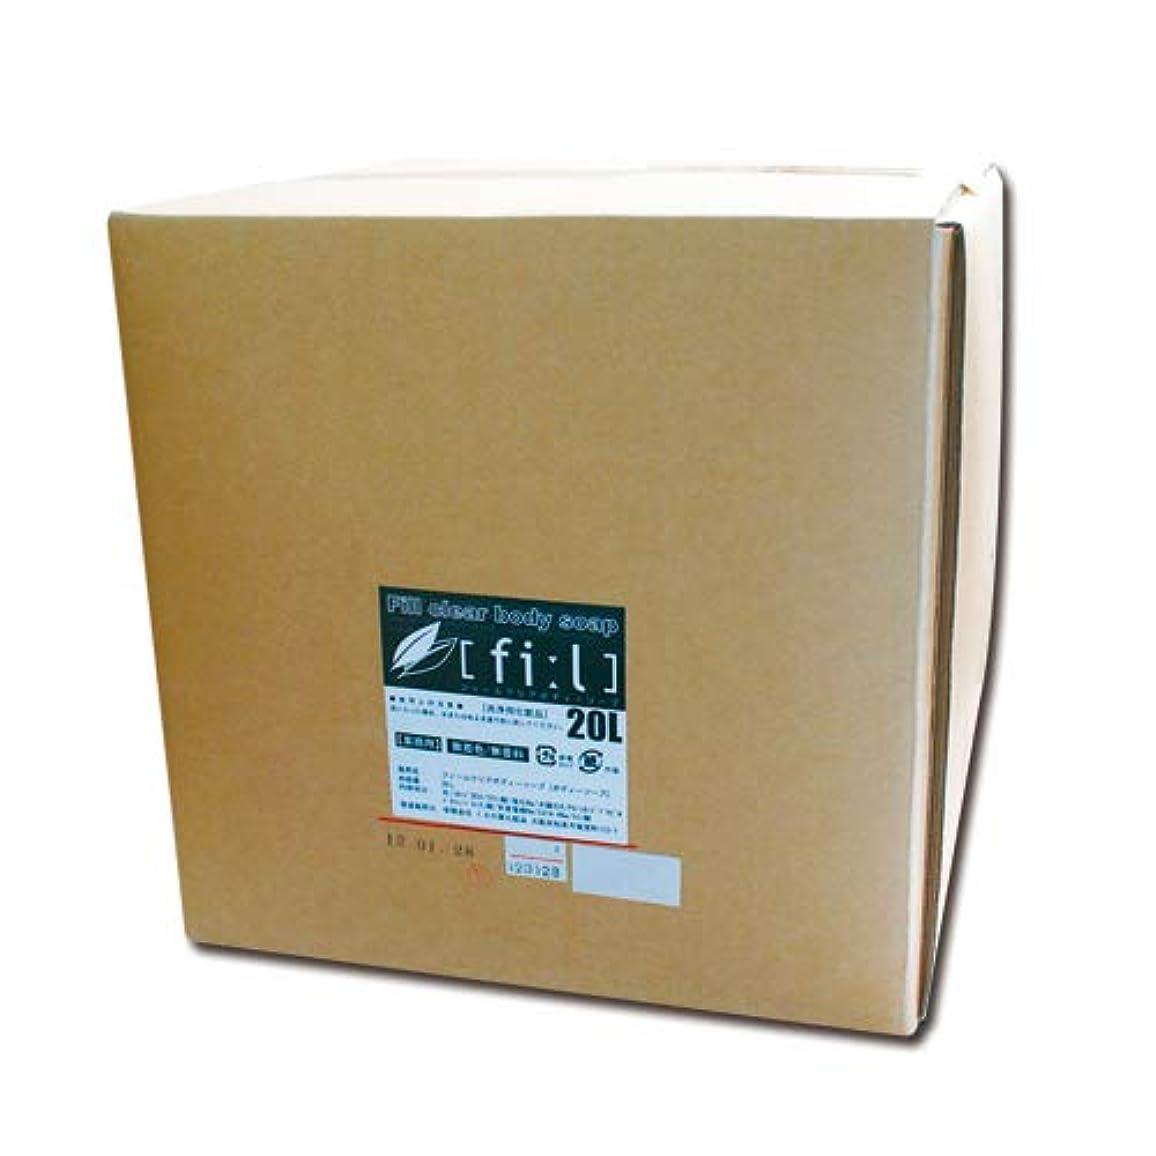 メトロポリタンローブ粗い業務用 フィールクリアボディーソープ 20リットル